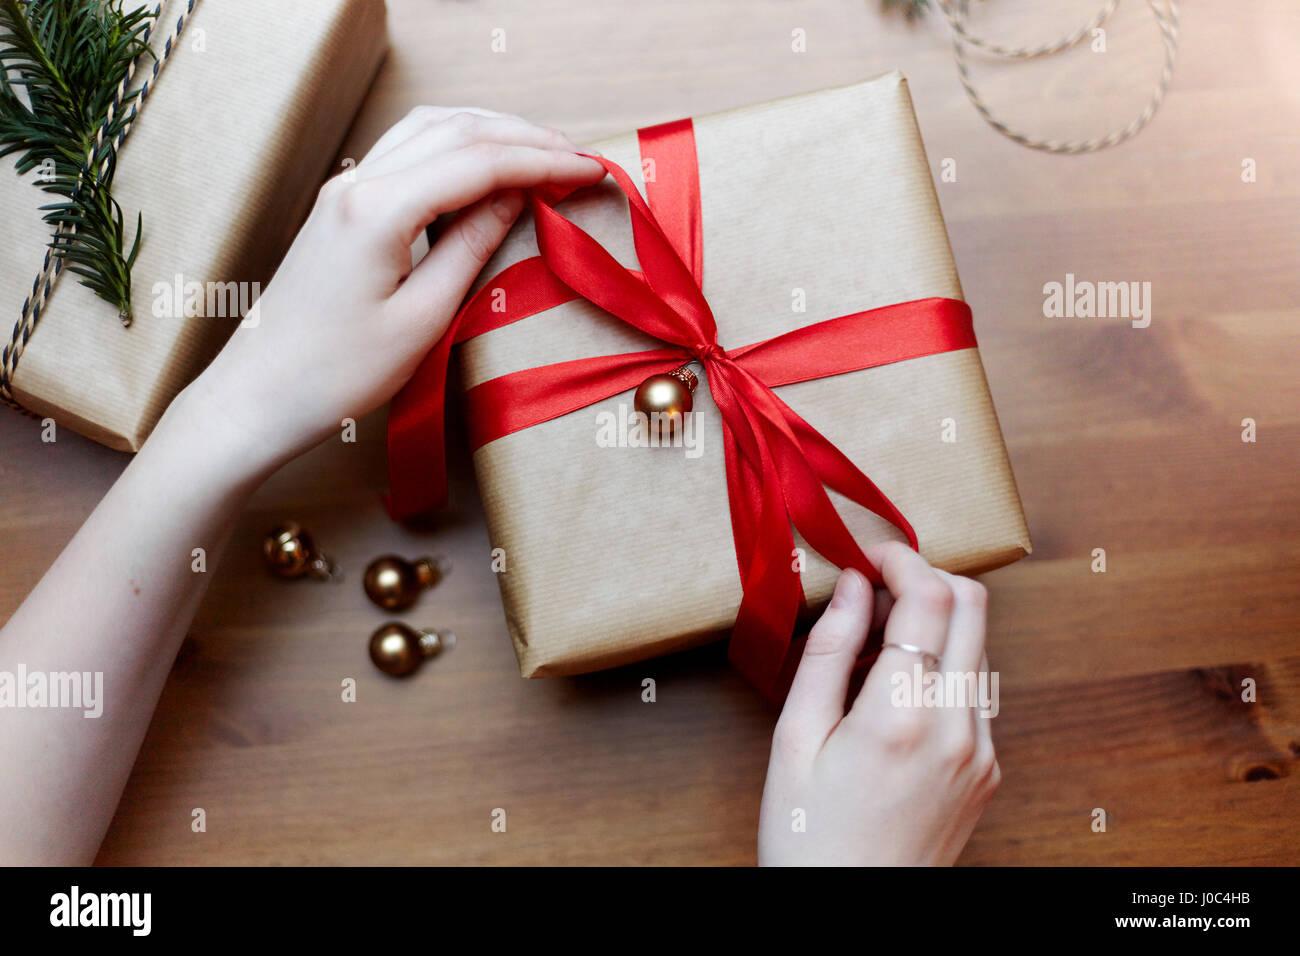 Frau binden roten Schleife auf Weihnachtsgeschenk, Draufsicht ...